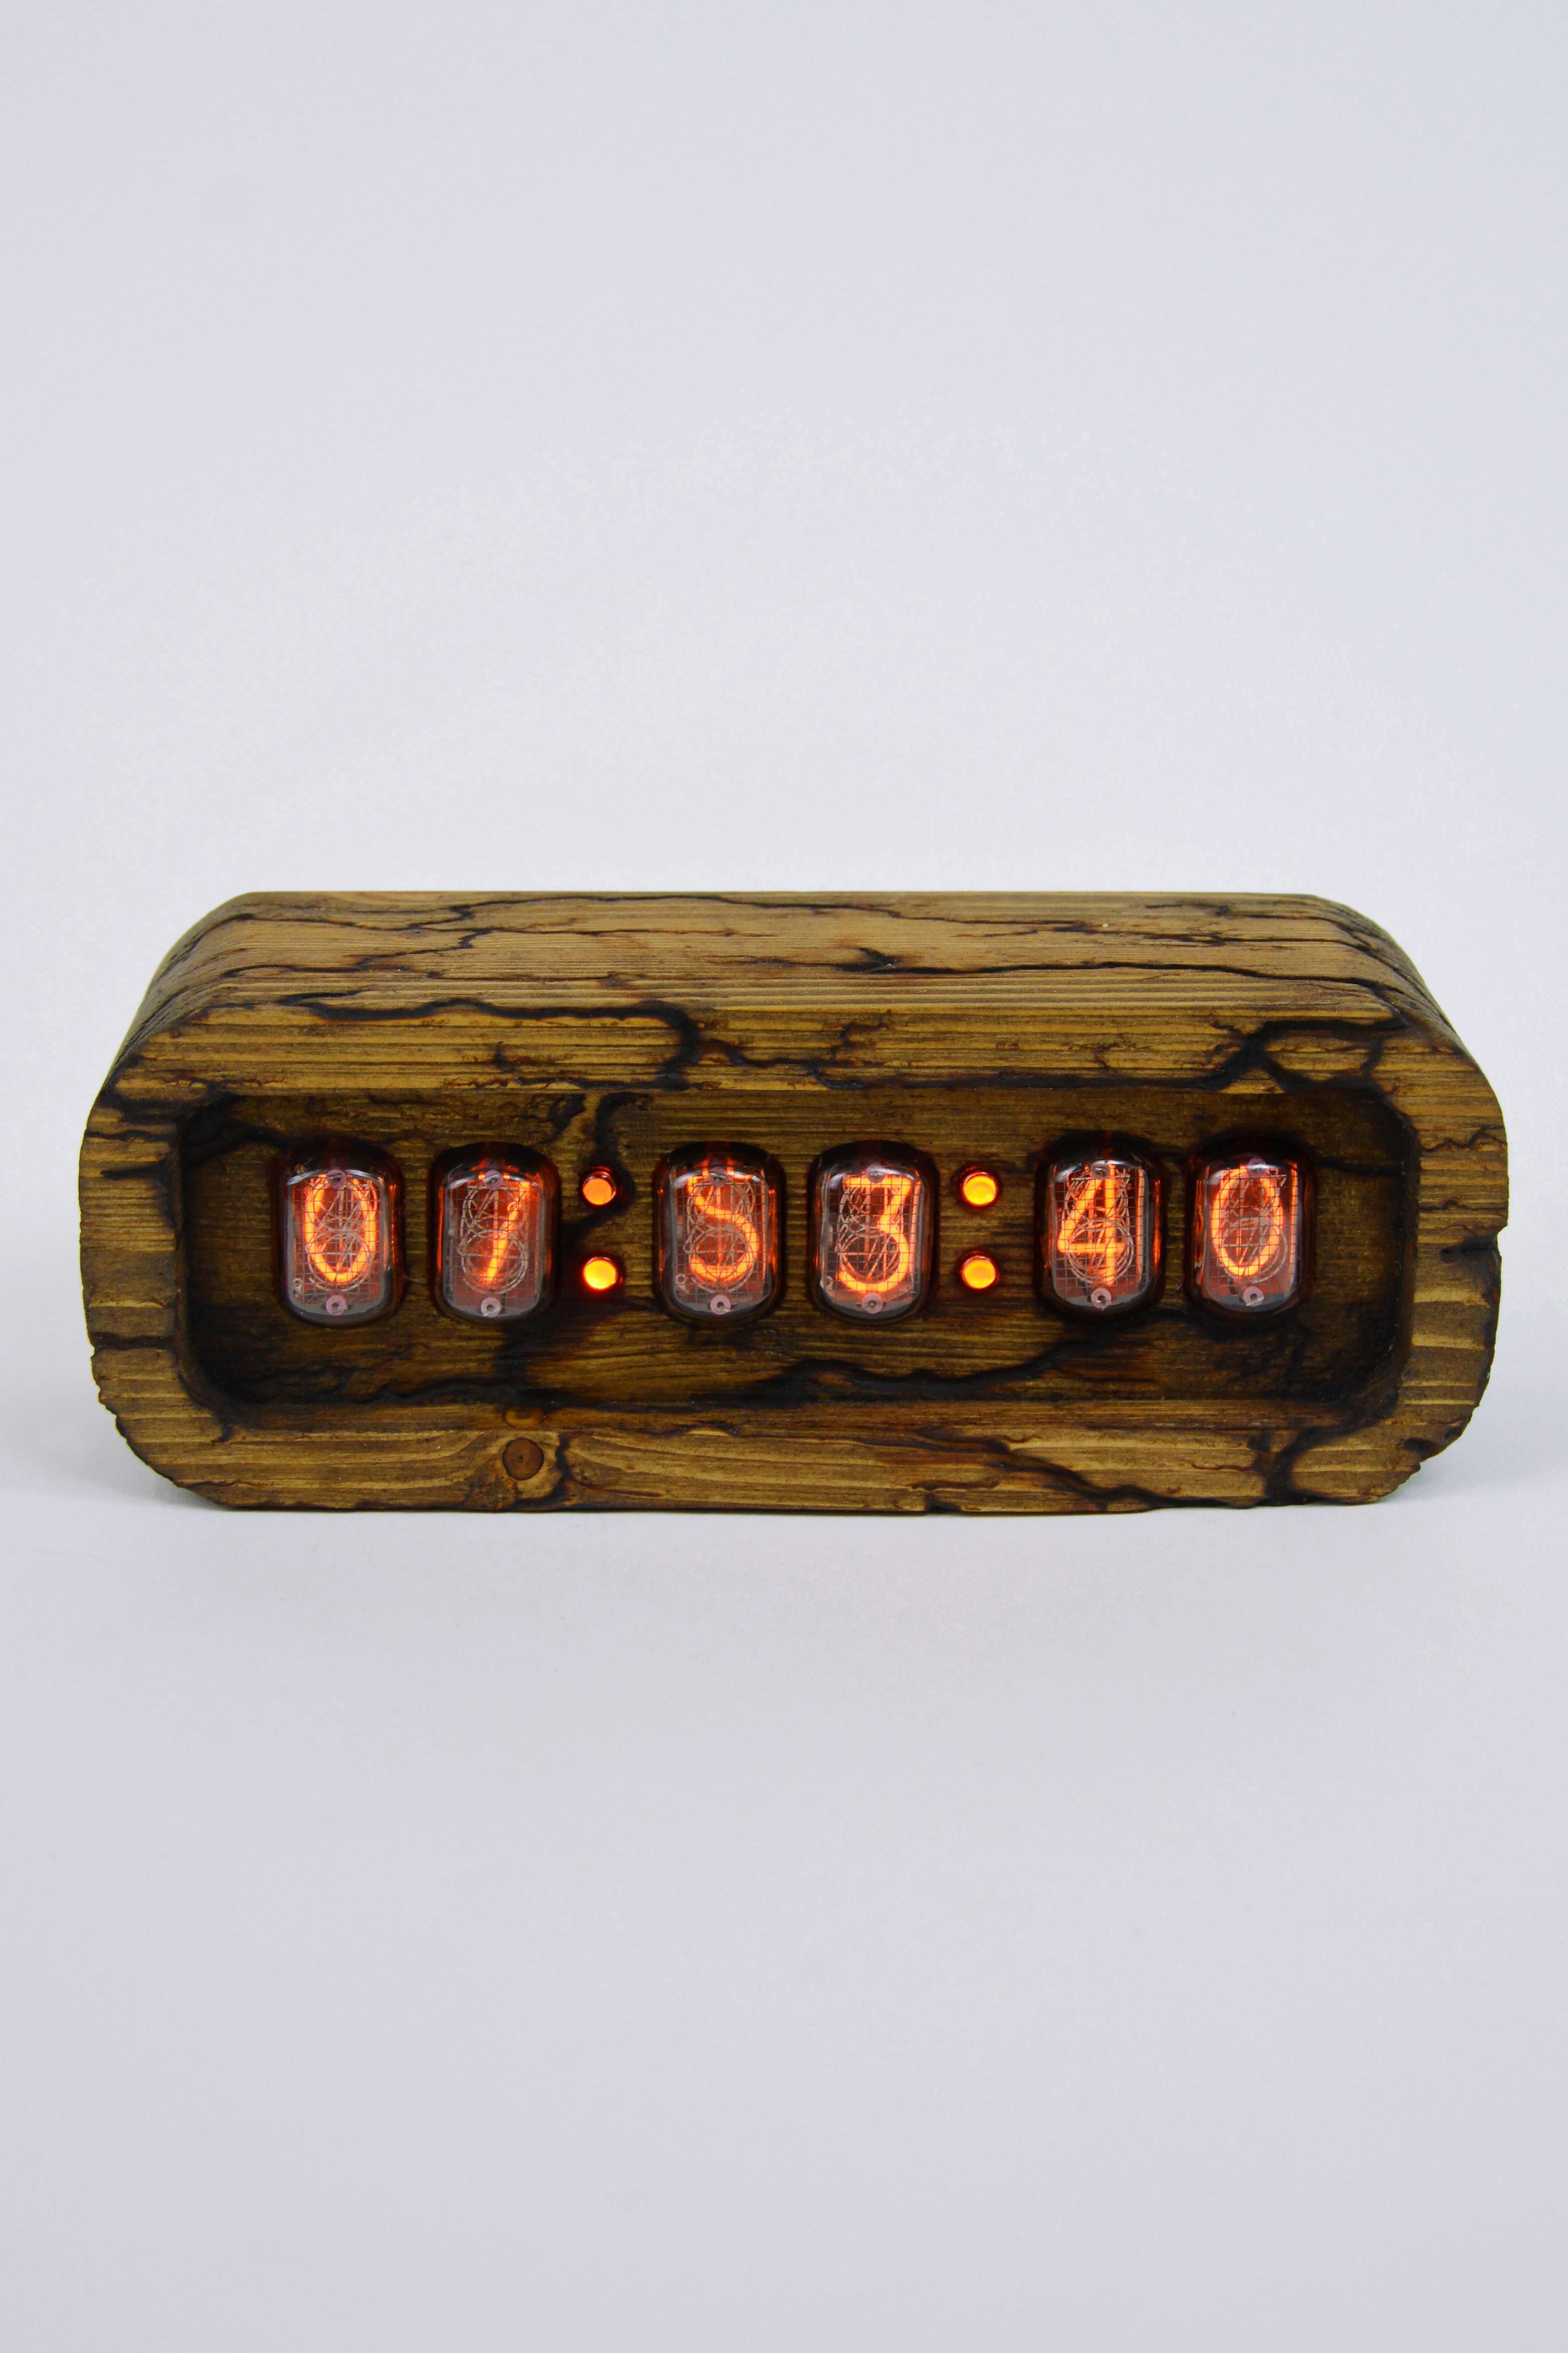 Ламповые ретро часы - деревянные (фигуры Лихтенберга)